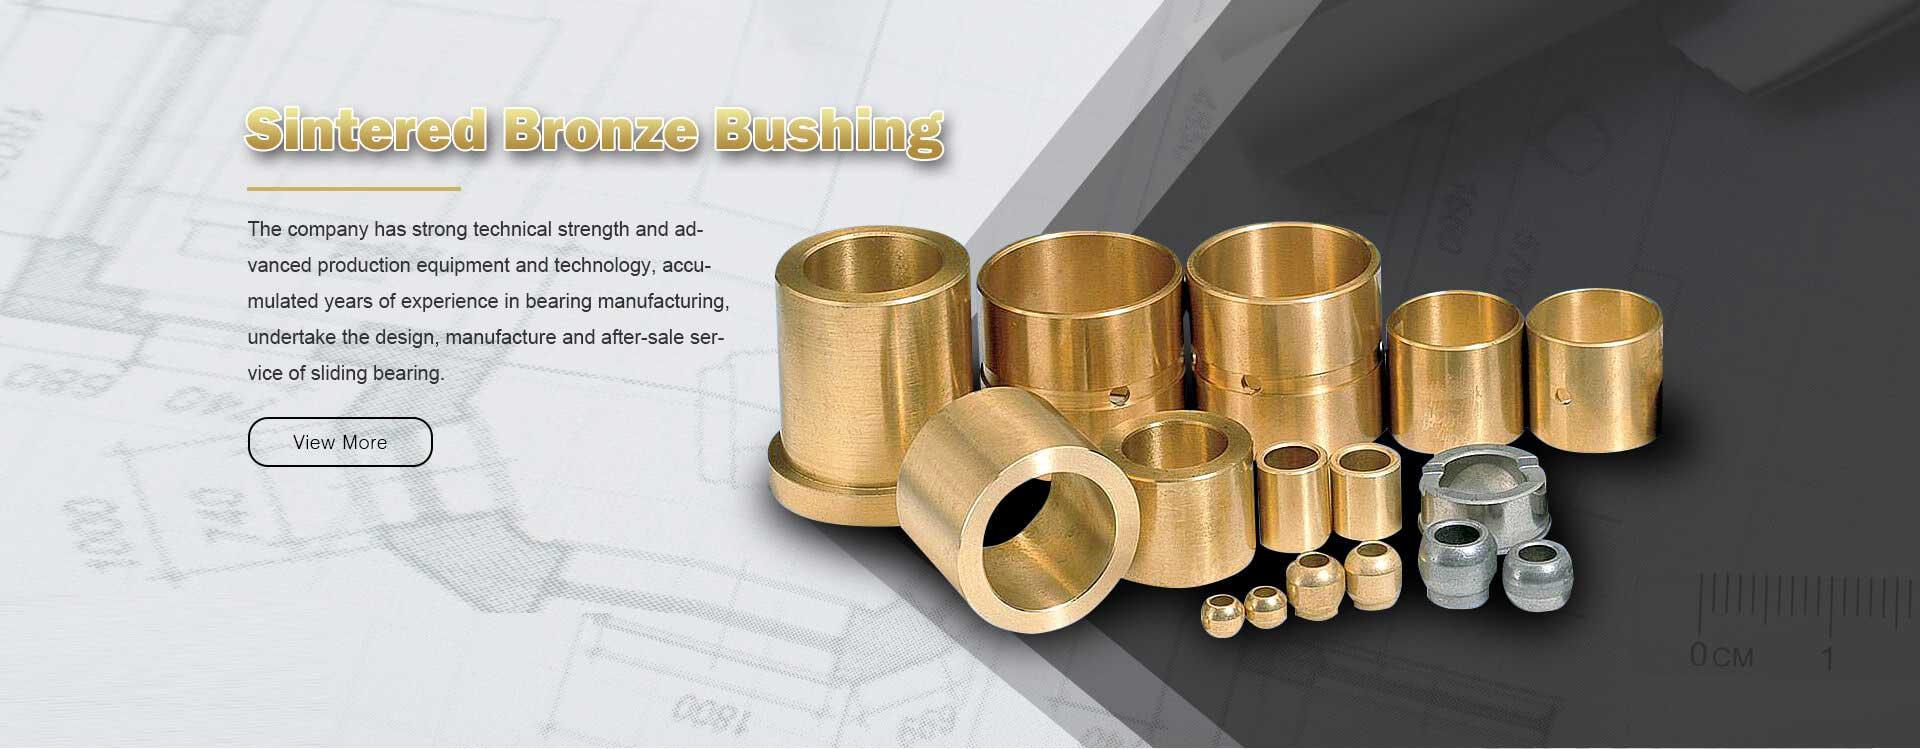 Sintered Metal Powder Bearing